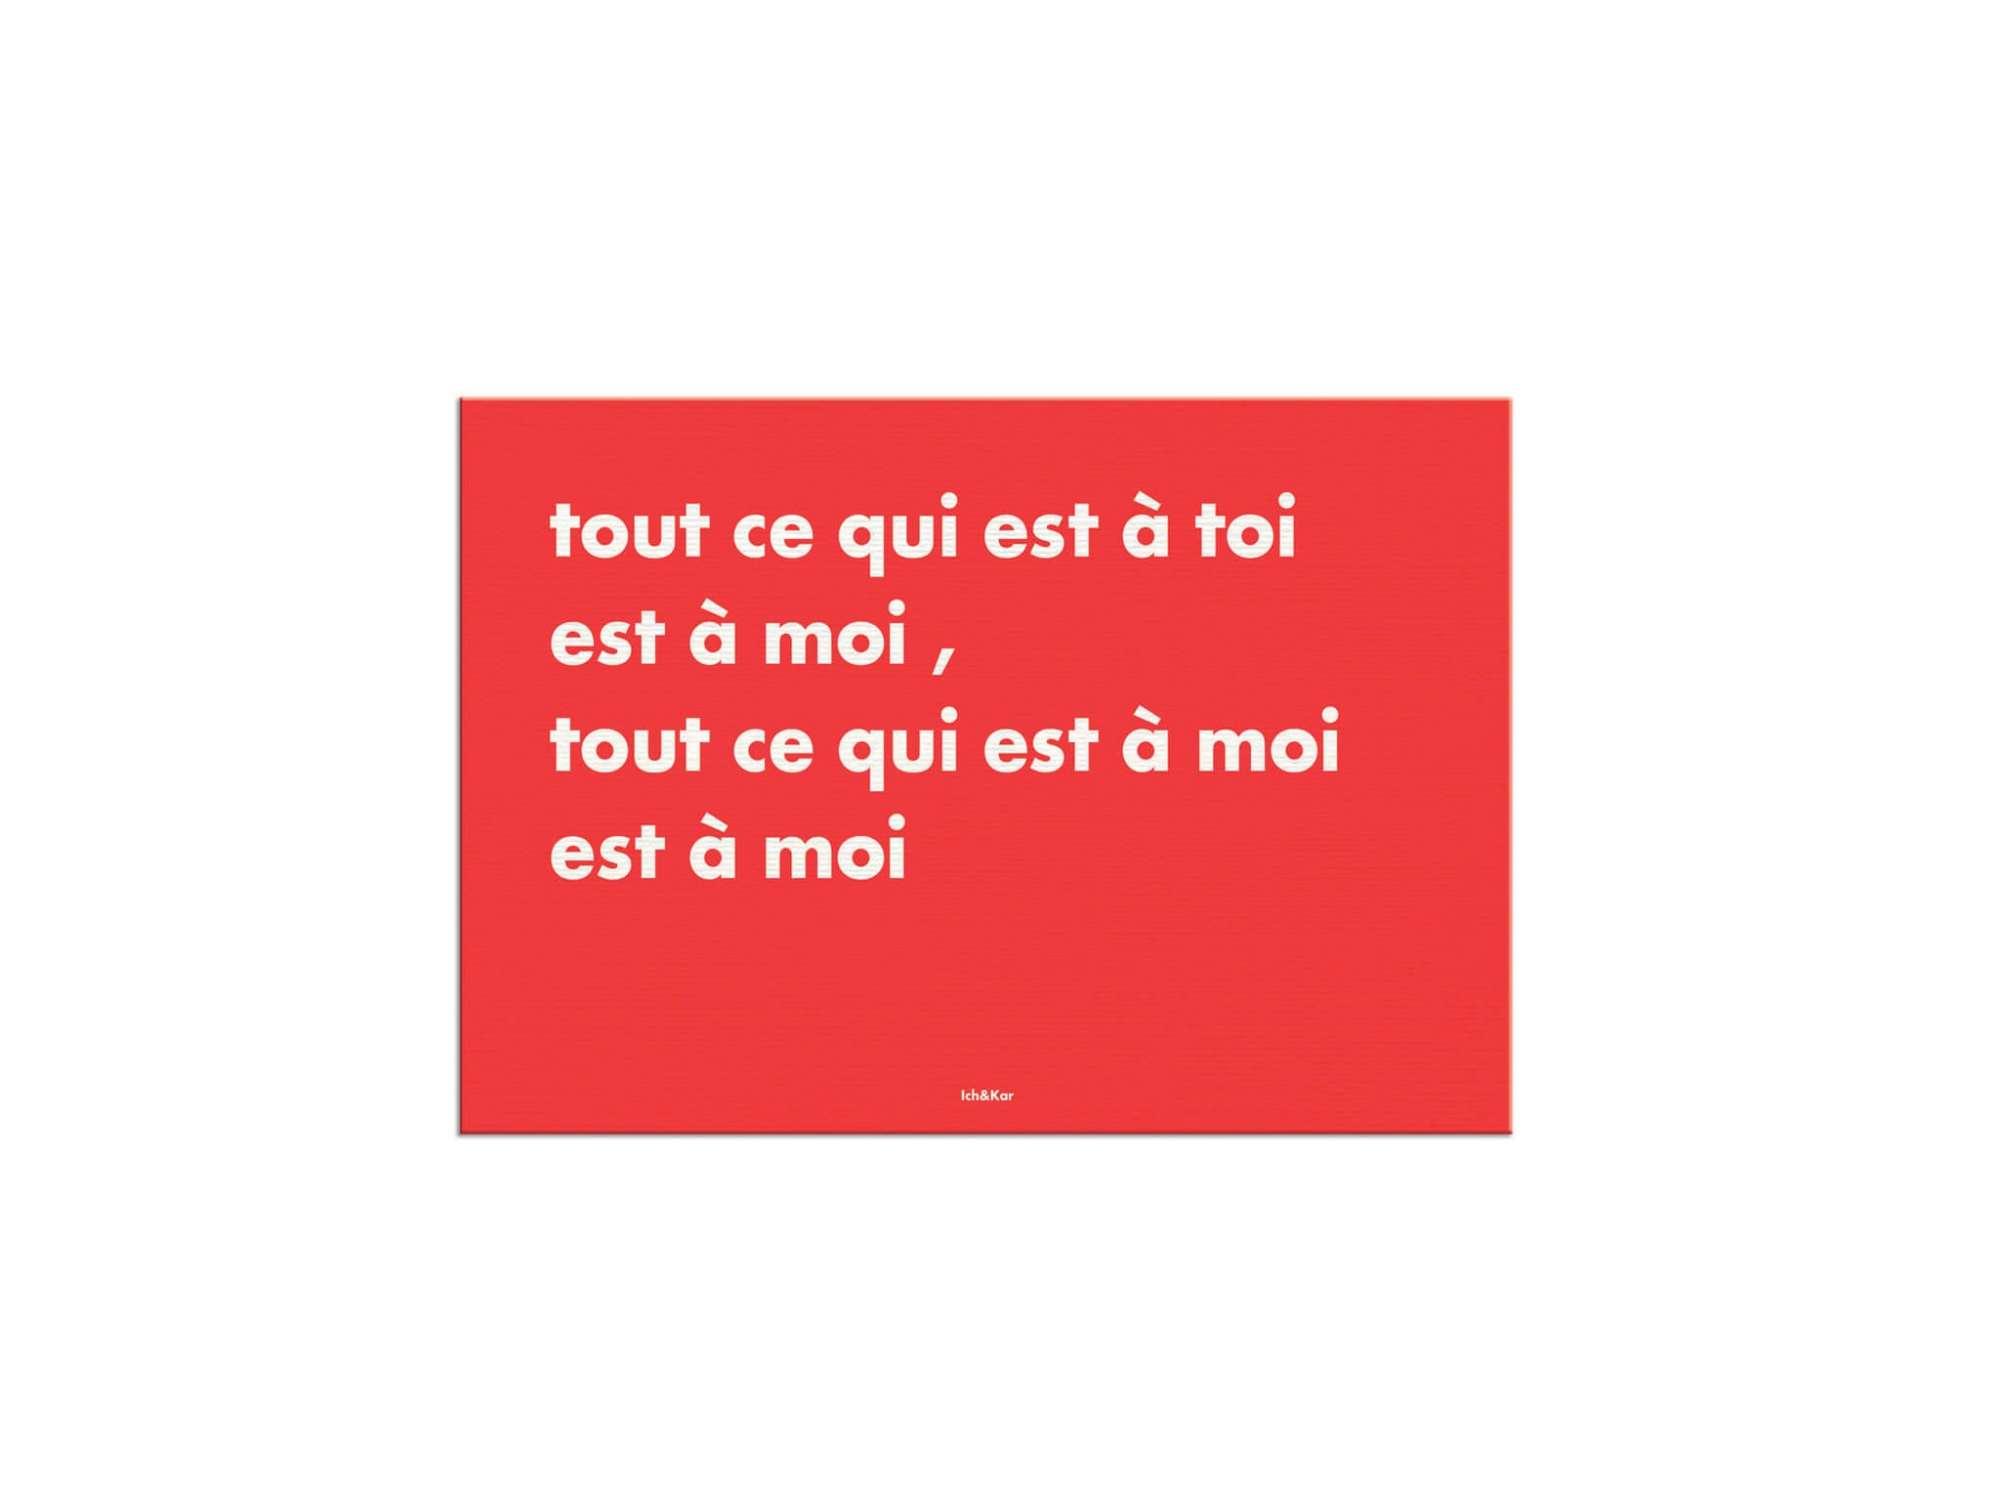 """carte postale rouge typographique Ichetkar """"tout ce qui est à toi est à moi"""""""